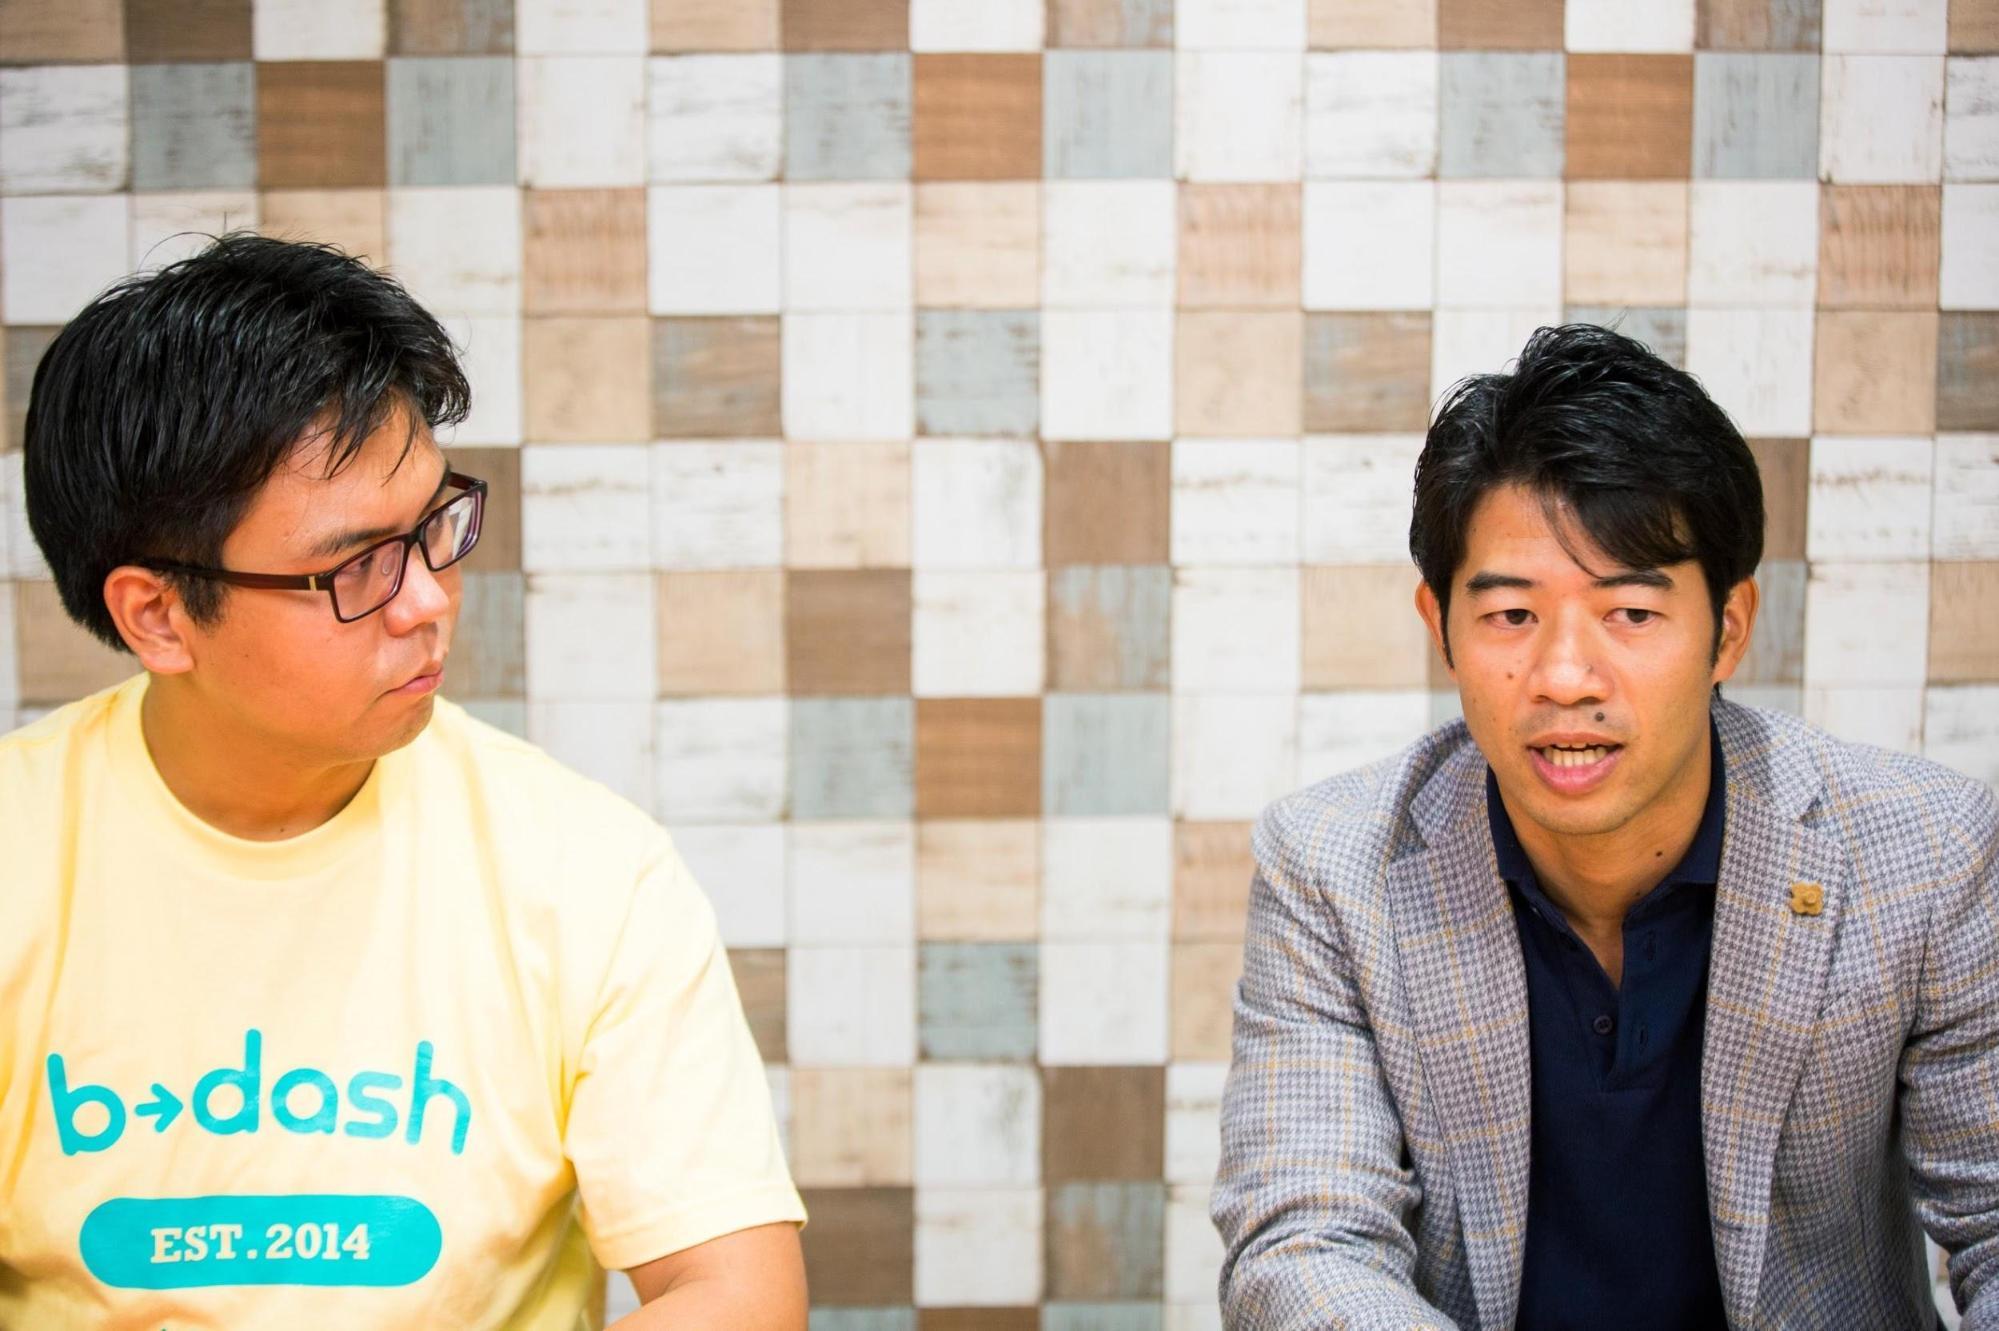 ──本題から伺います。KKRでの日本初投資案件として、フロムスクラッチを選んだ理由から教えてください。